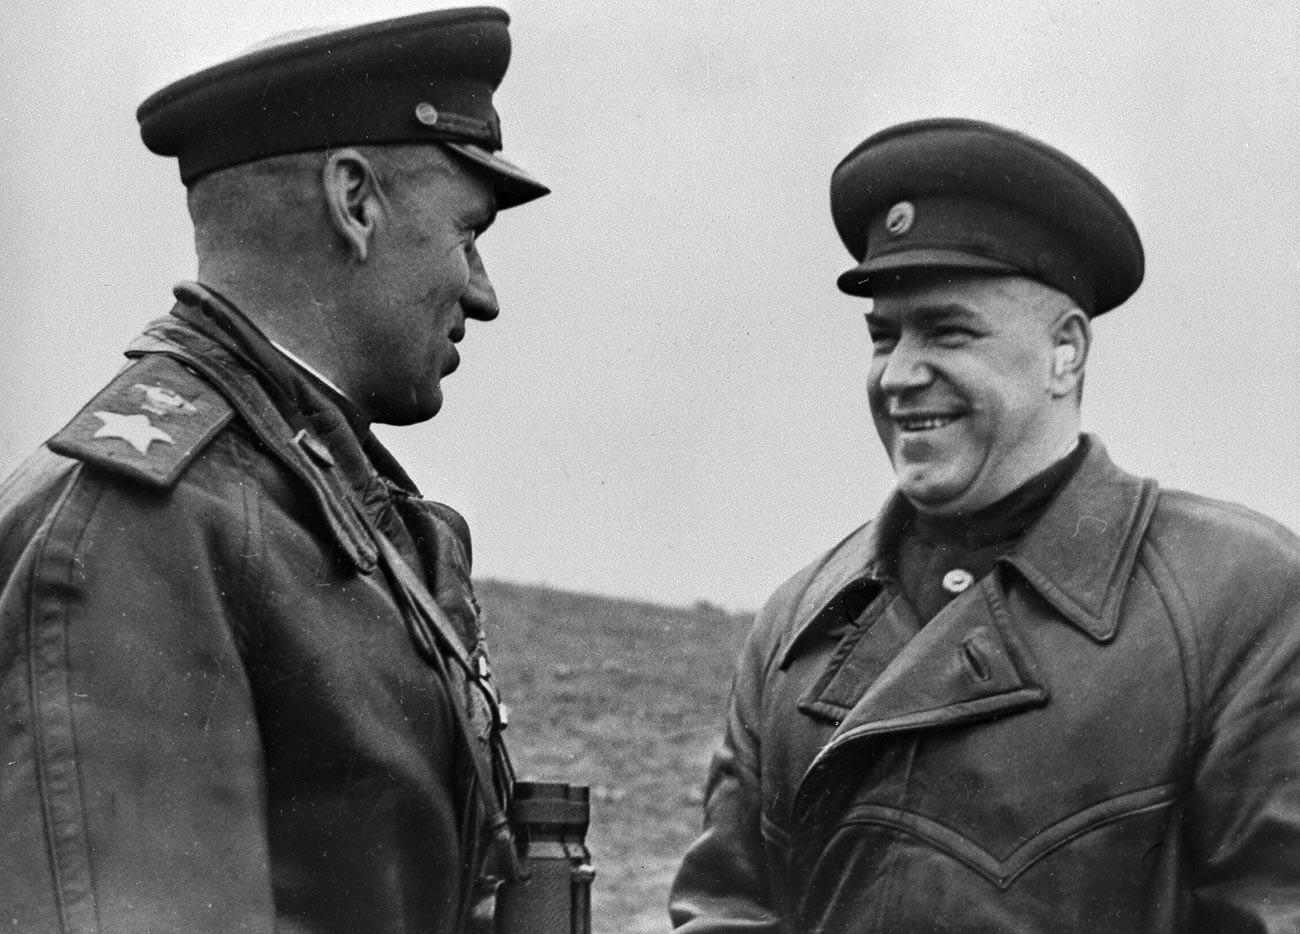 Kommandant des 1. Weißrussischen Frontmarschalls der Sowjetunion Konstantin Rokossowski (v.l.) und Vertreter des Hauptquartiers Marschall der Sowjetunion Georgi Schukow in Polen.